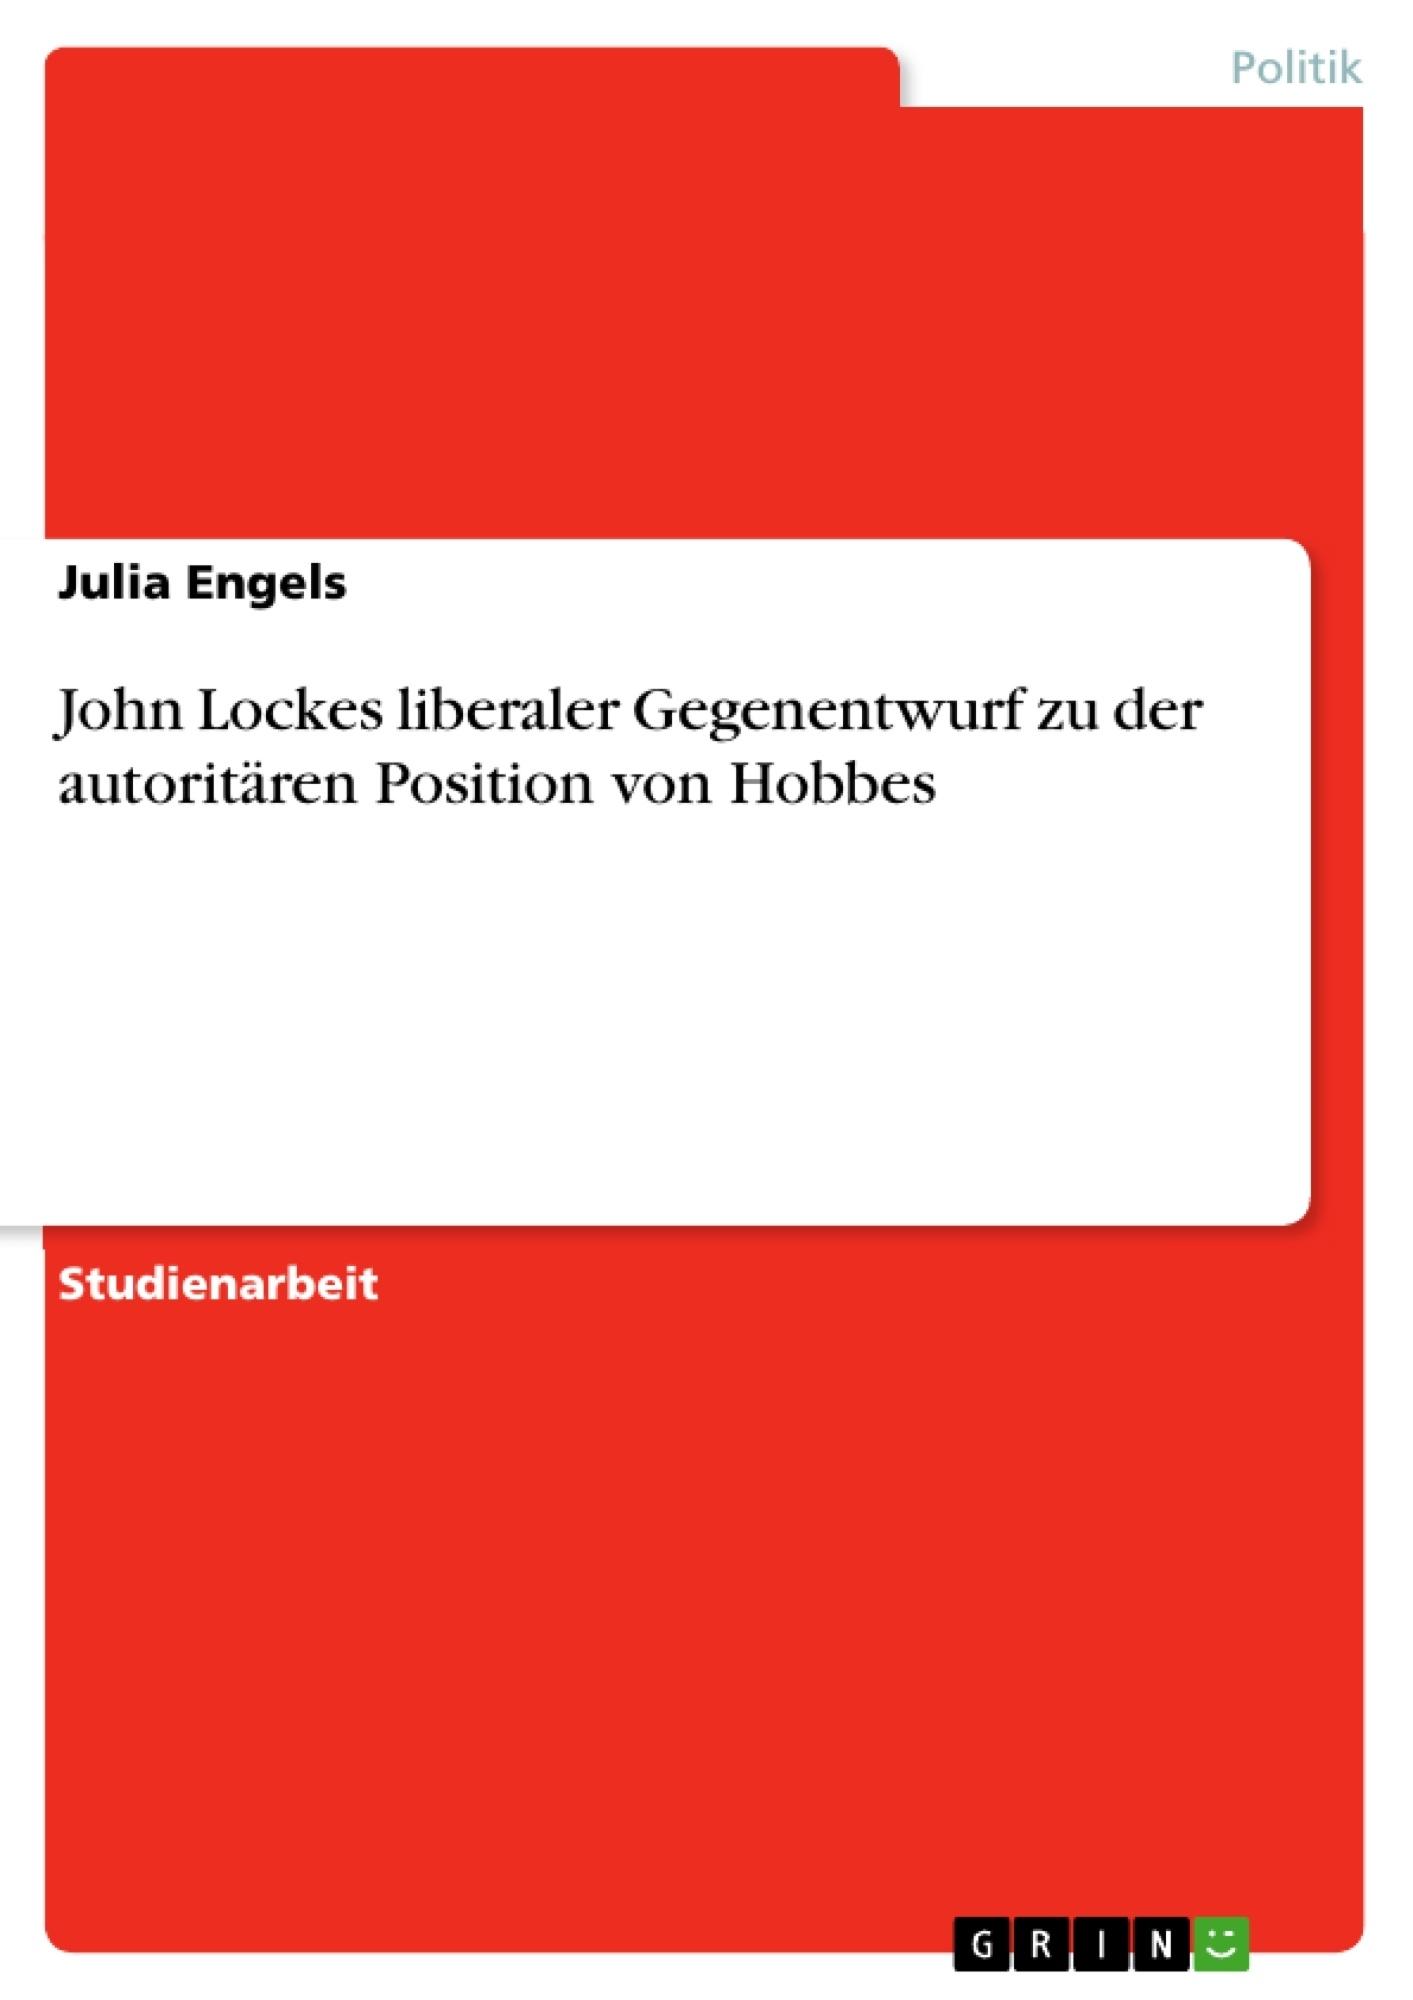 Titel: John Lockes liberaler Gegenentwurf zu der autoritären Position von Hobbes